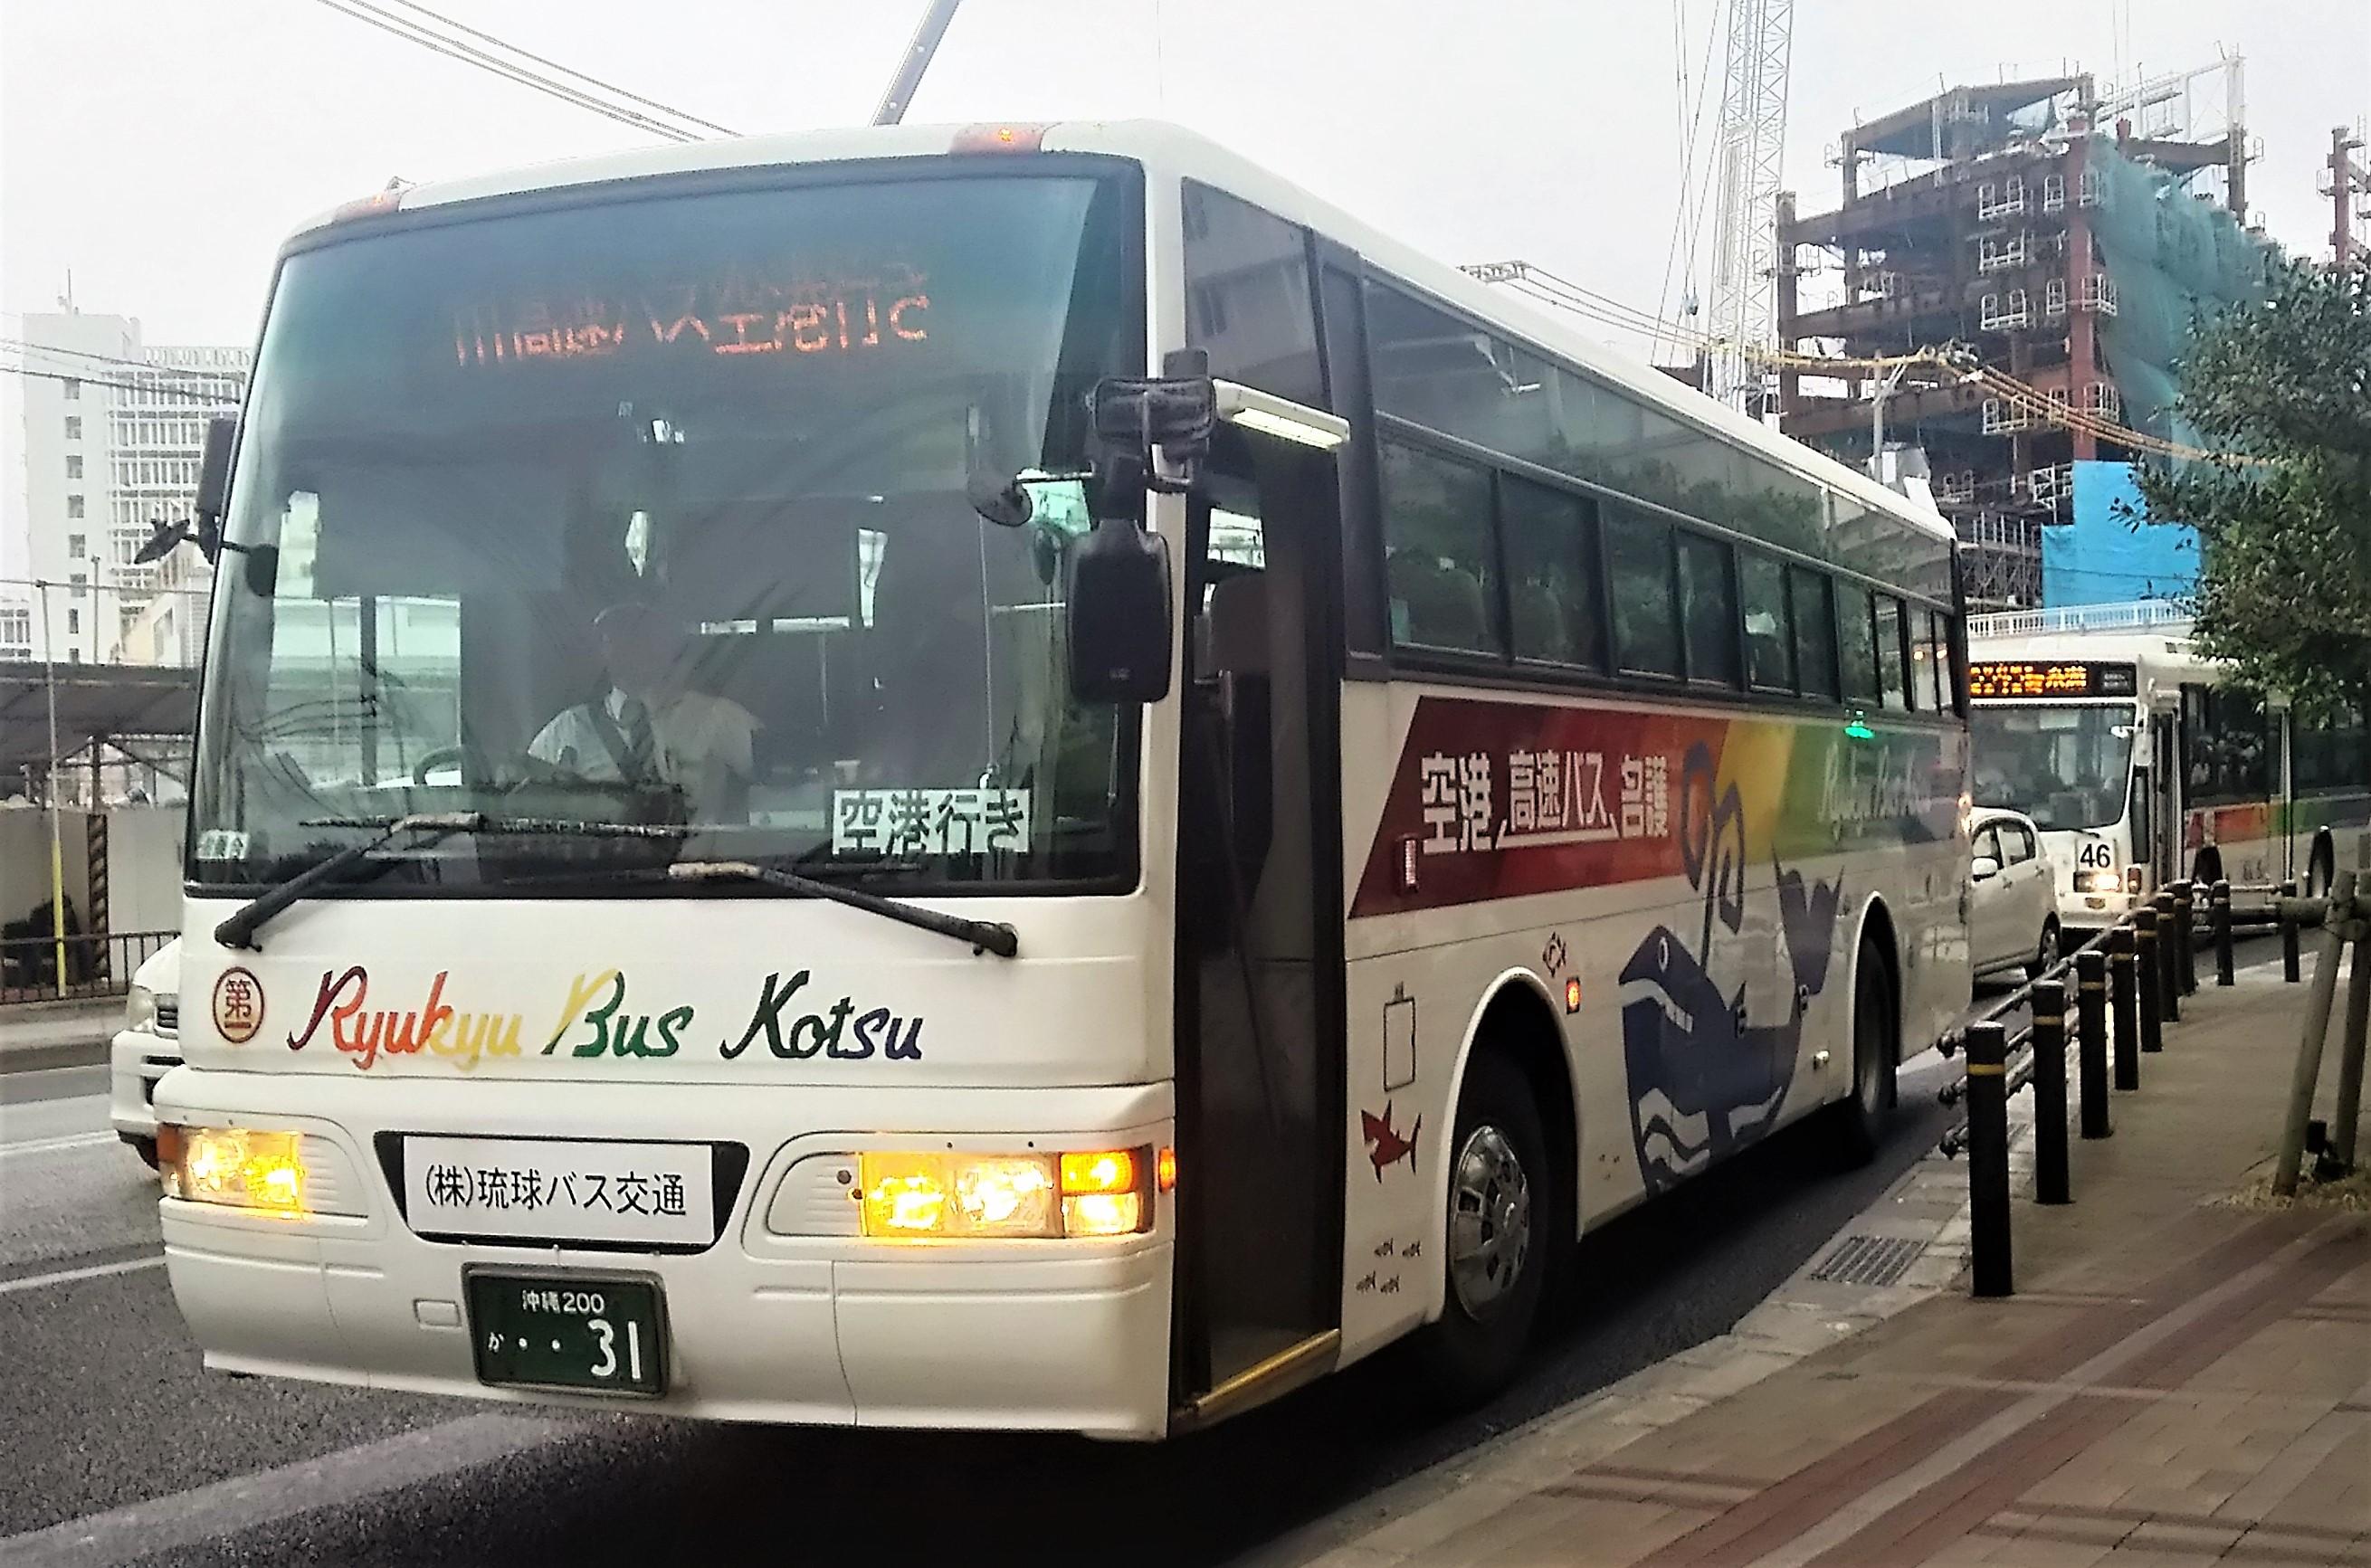 沖縄プロ野球キャンプ2019路線バスで応援に行こう!